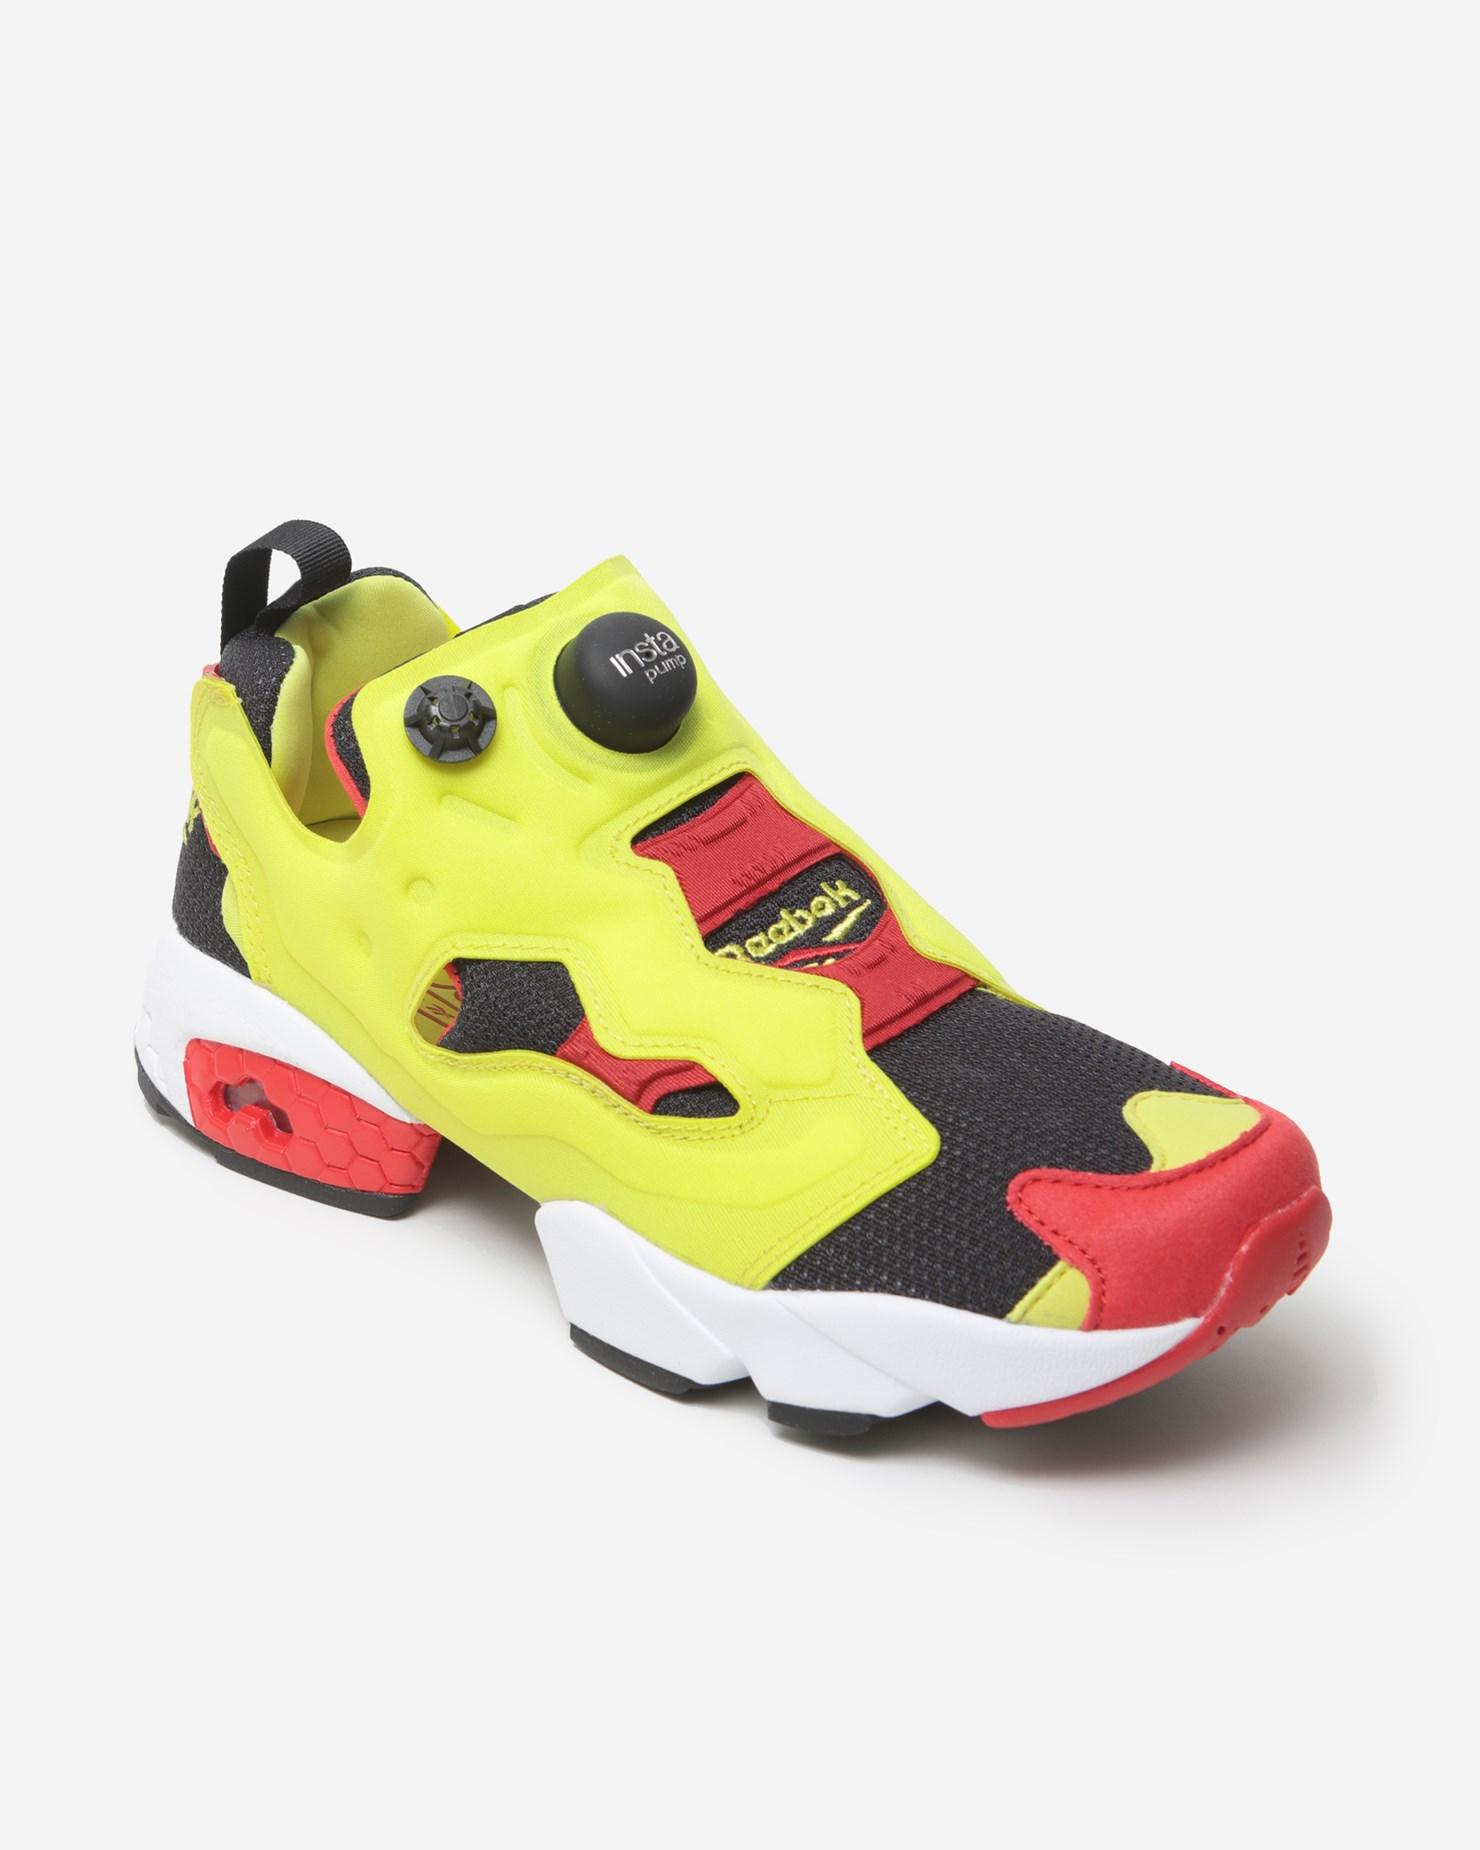 Reebok Instapump Fury OG - Schrittmacher Sneakerhandlung